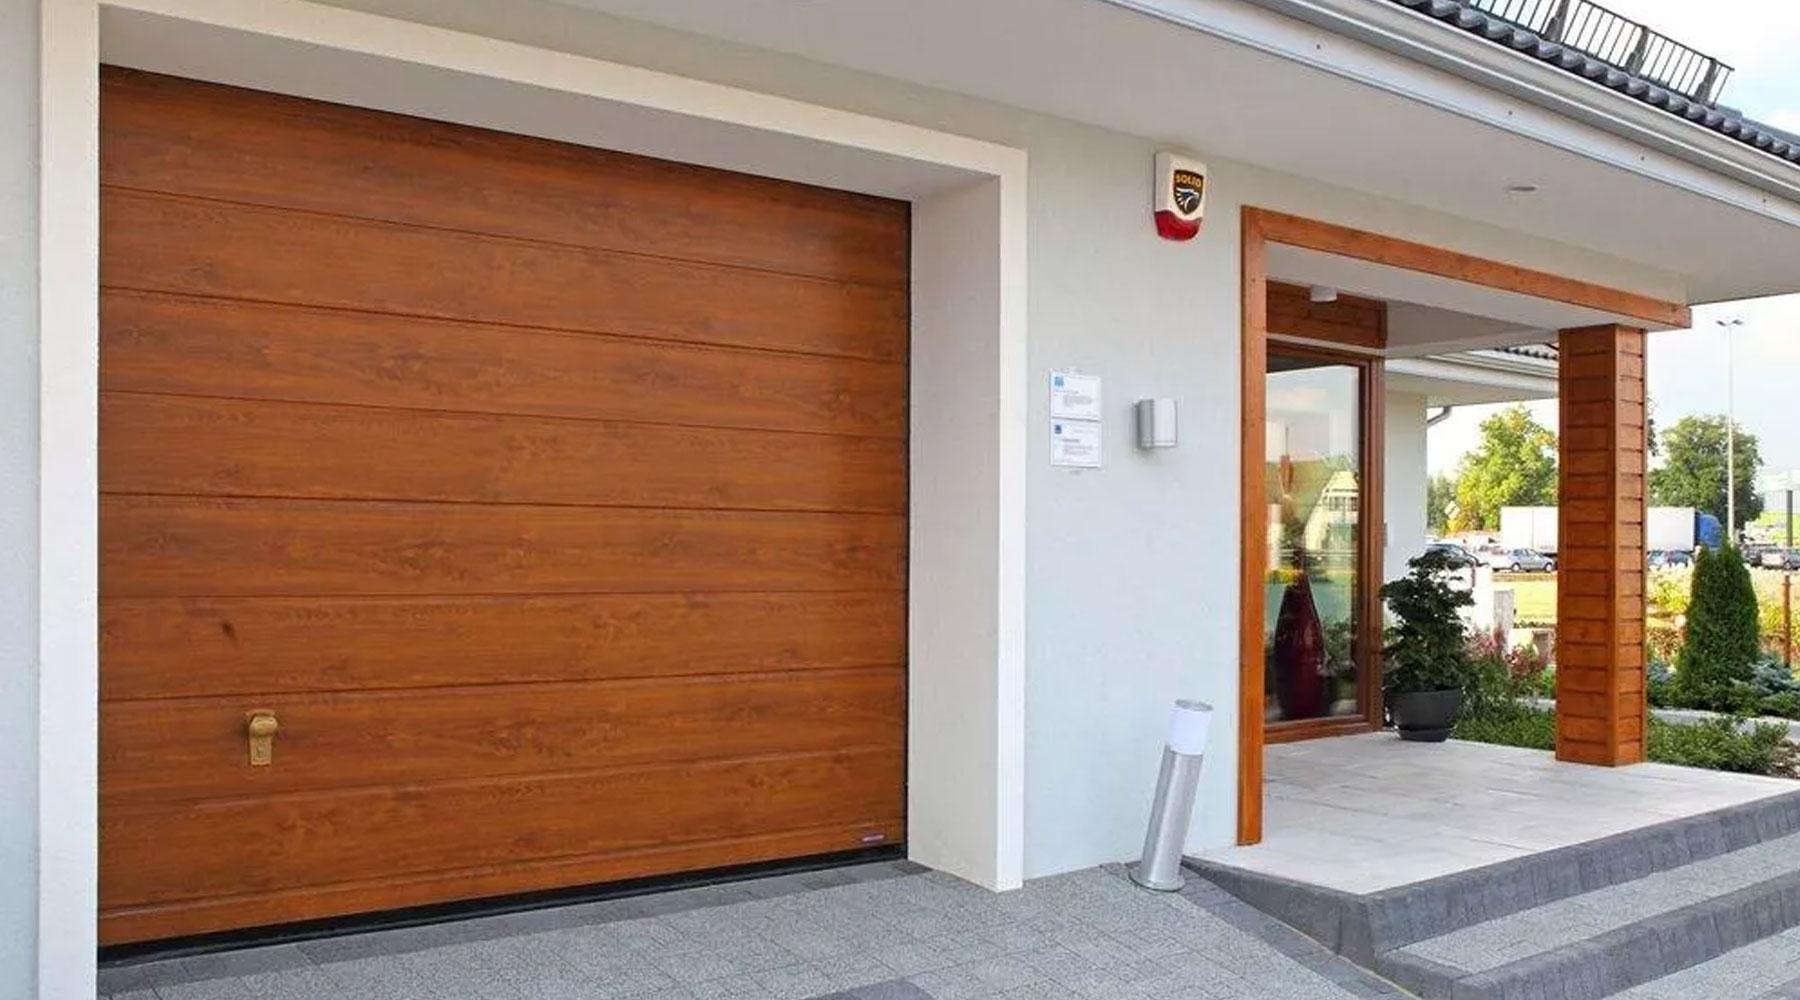 km-plast-rozwiązania-energooszczędne-bramy-garażowe-segmentowe-funkcjonalność-i-estetyka-najwyższa-jakość